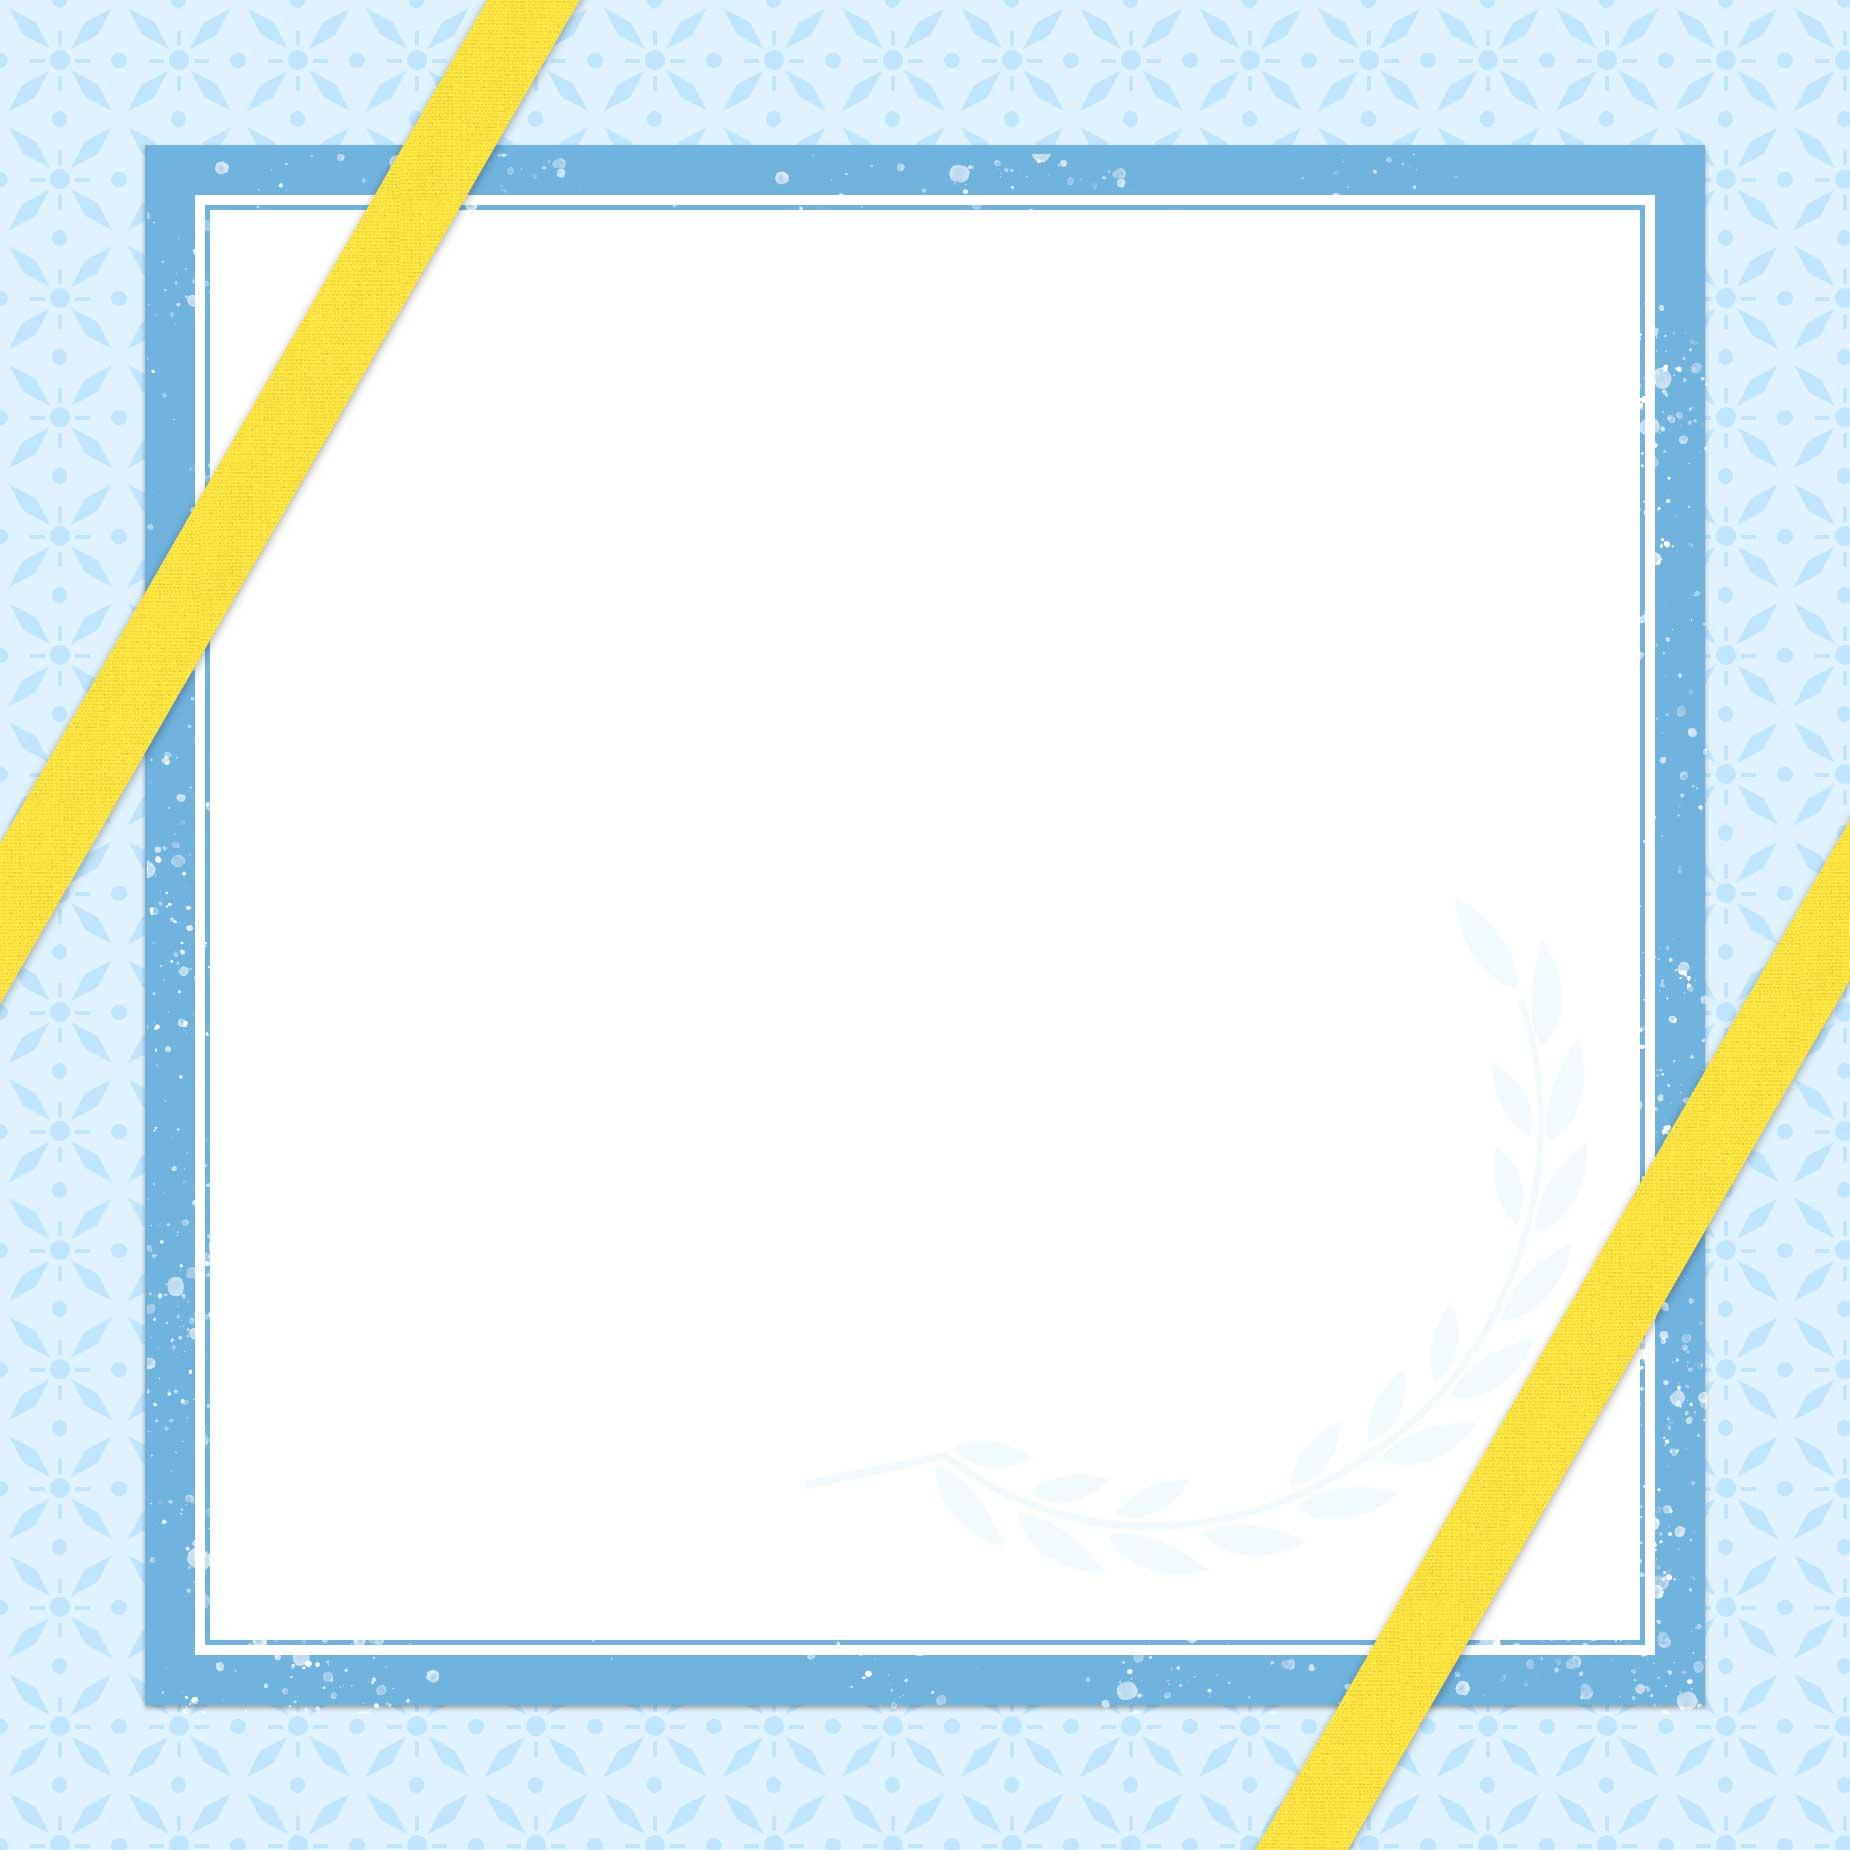 父の日①画像(正方形・文字なし)